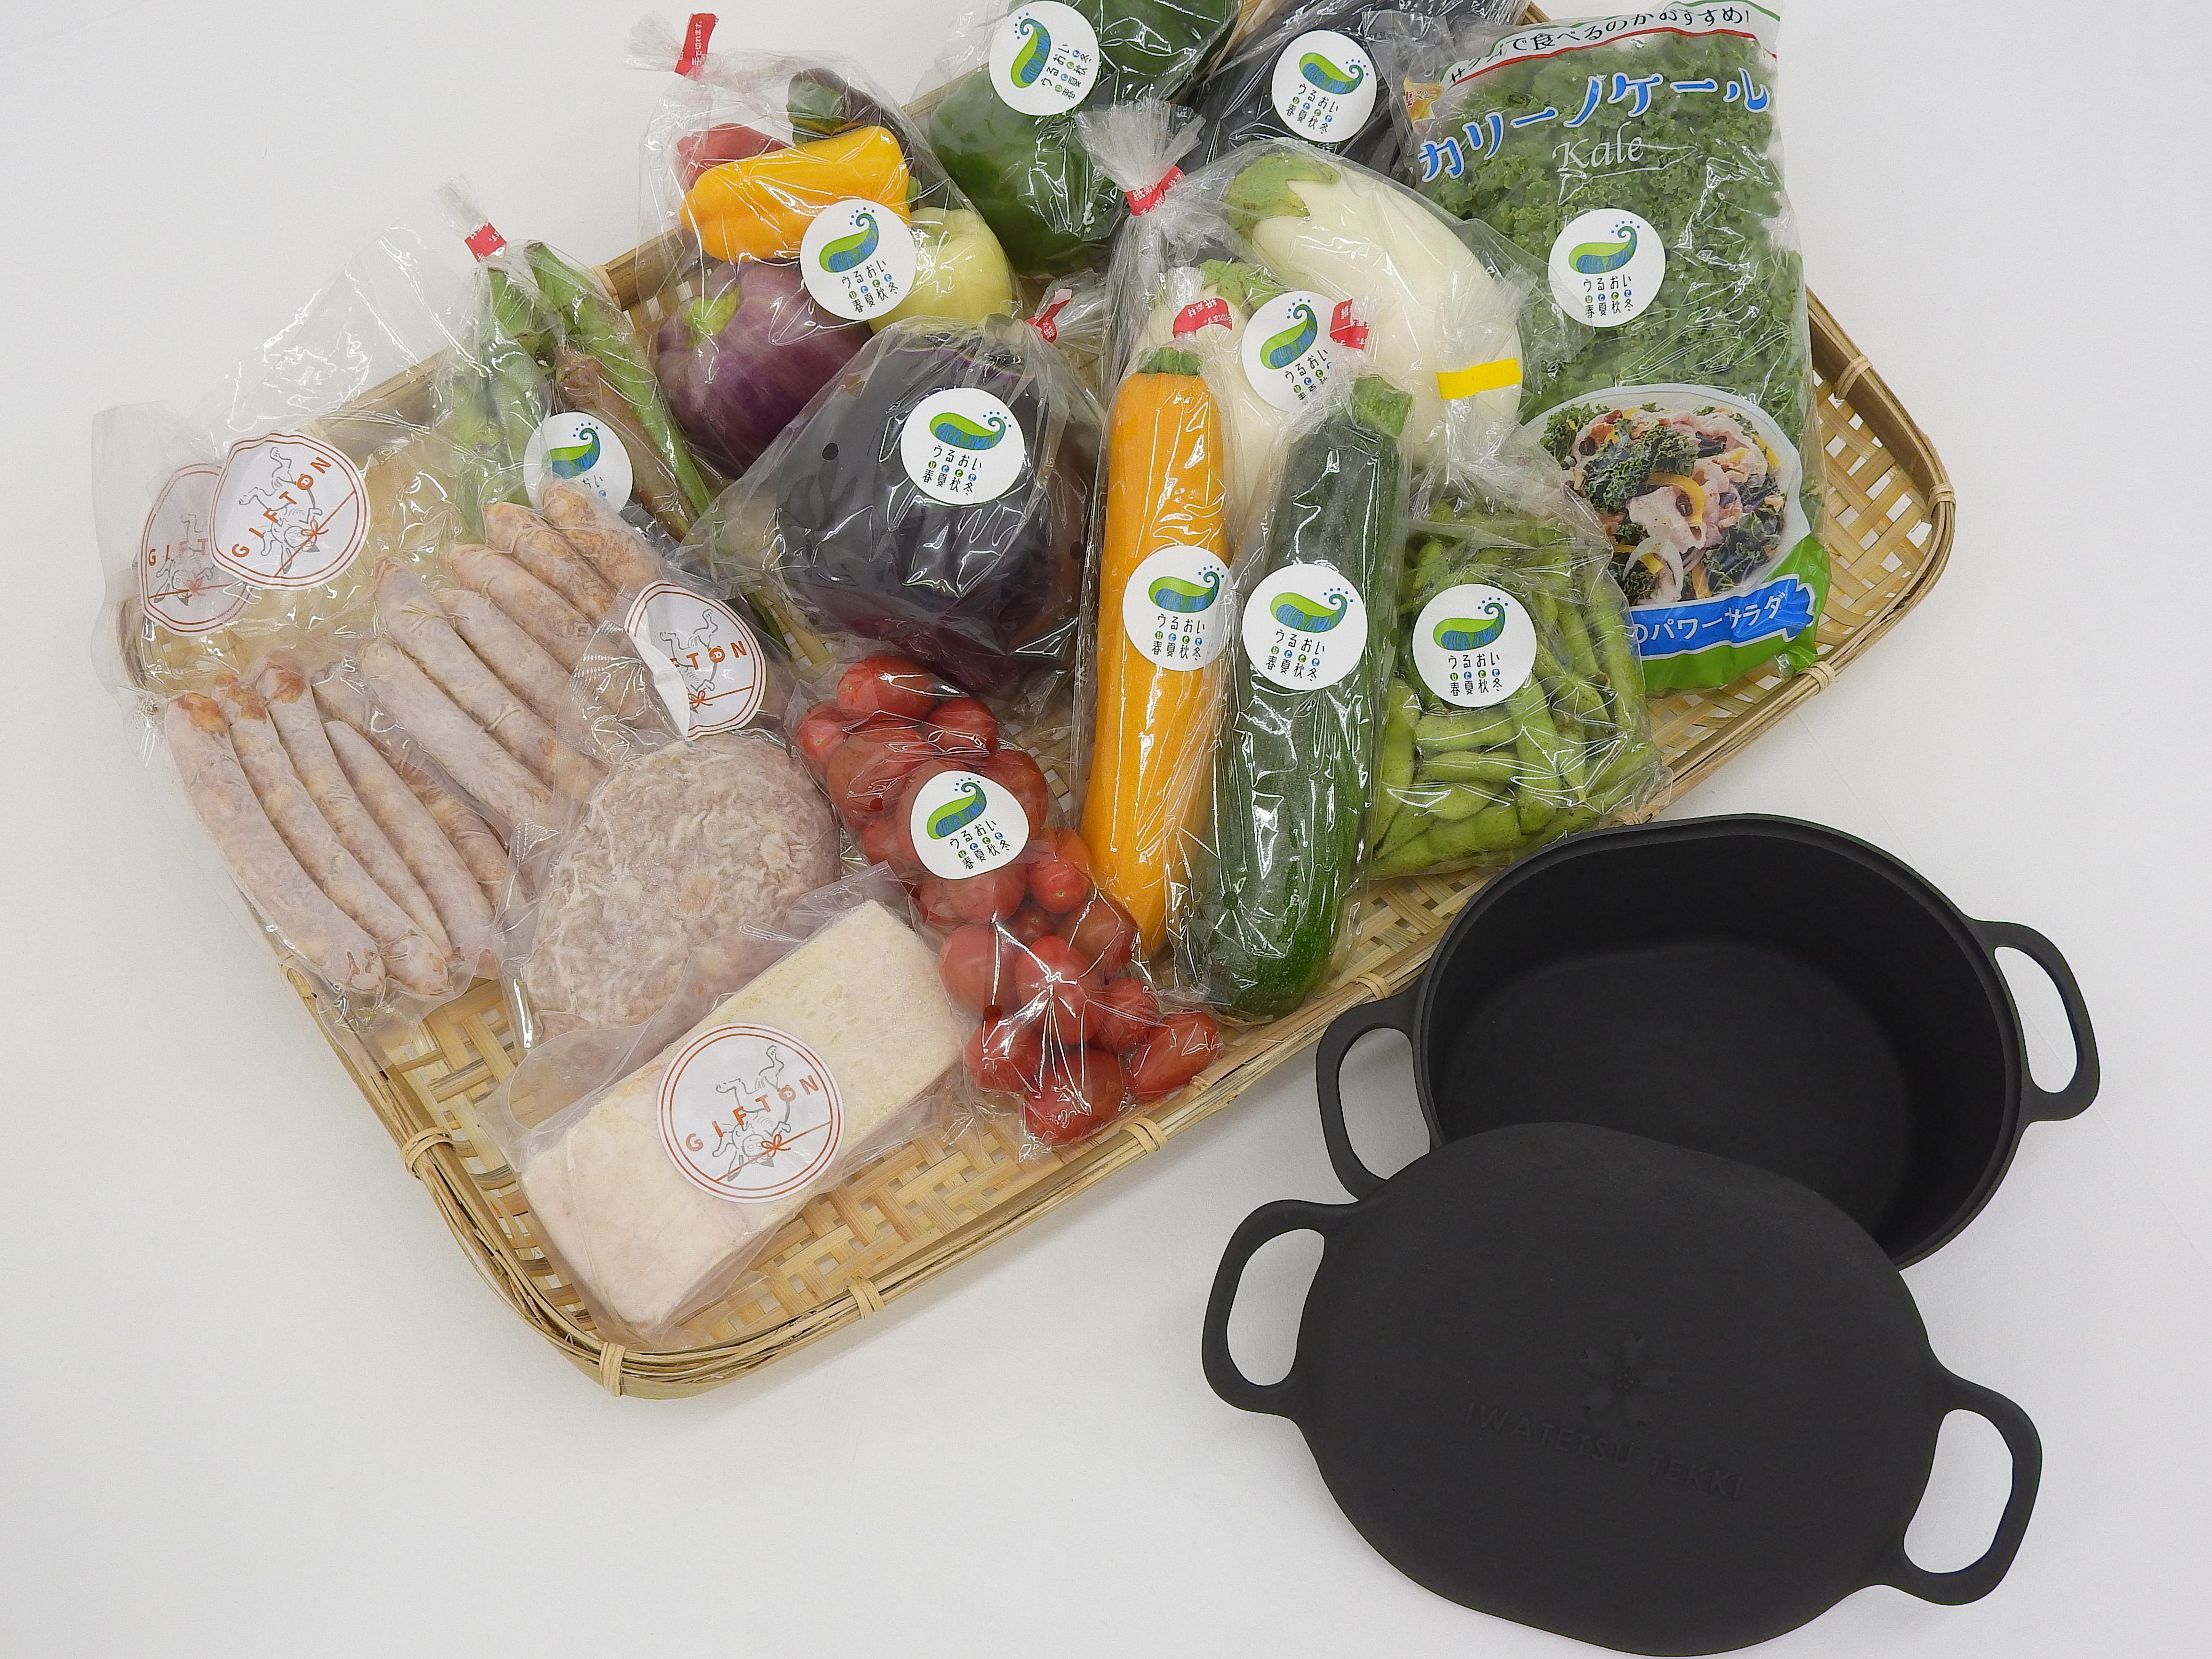 【定期便】ダッチオーブンと季節野菜とGIFTON 四種のグルメセット